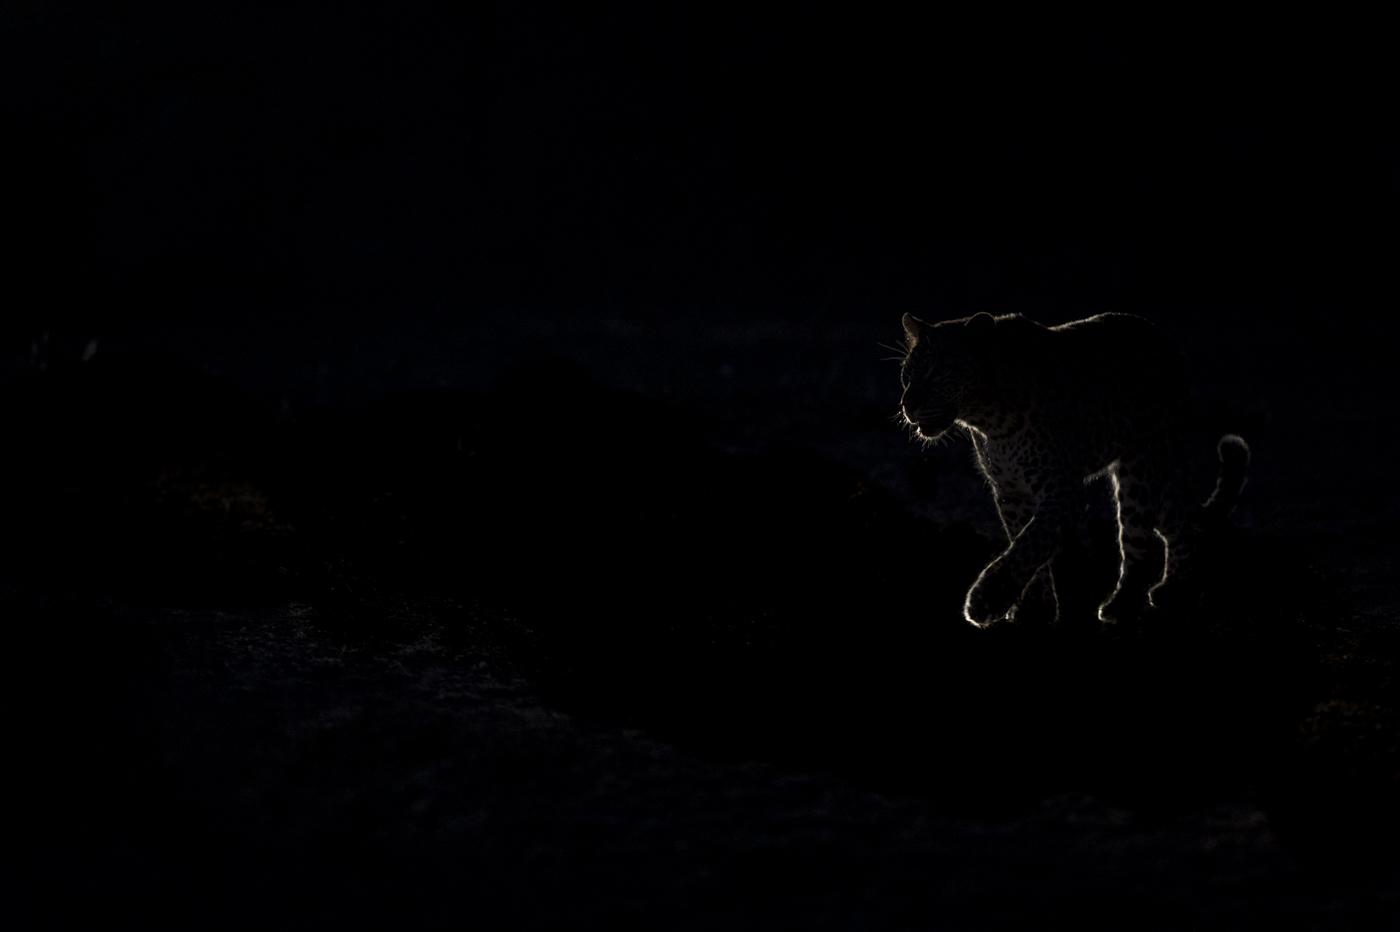 leopard backlight